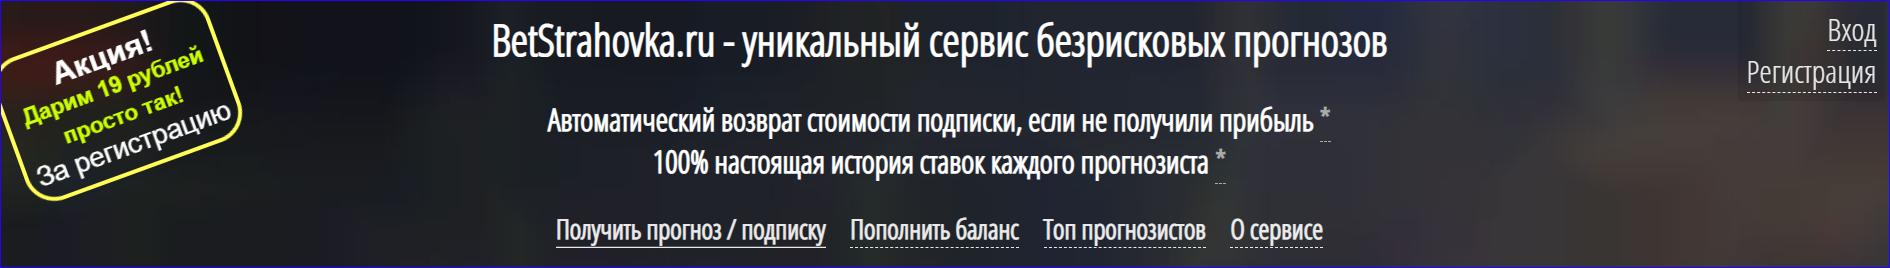 19 рублей за регистрацию - звучит заманчиво